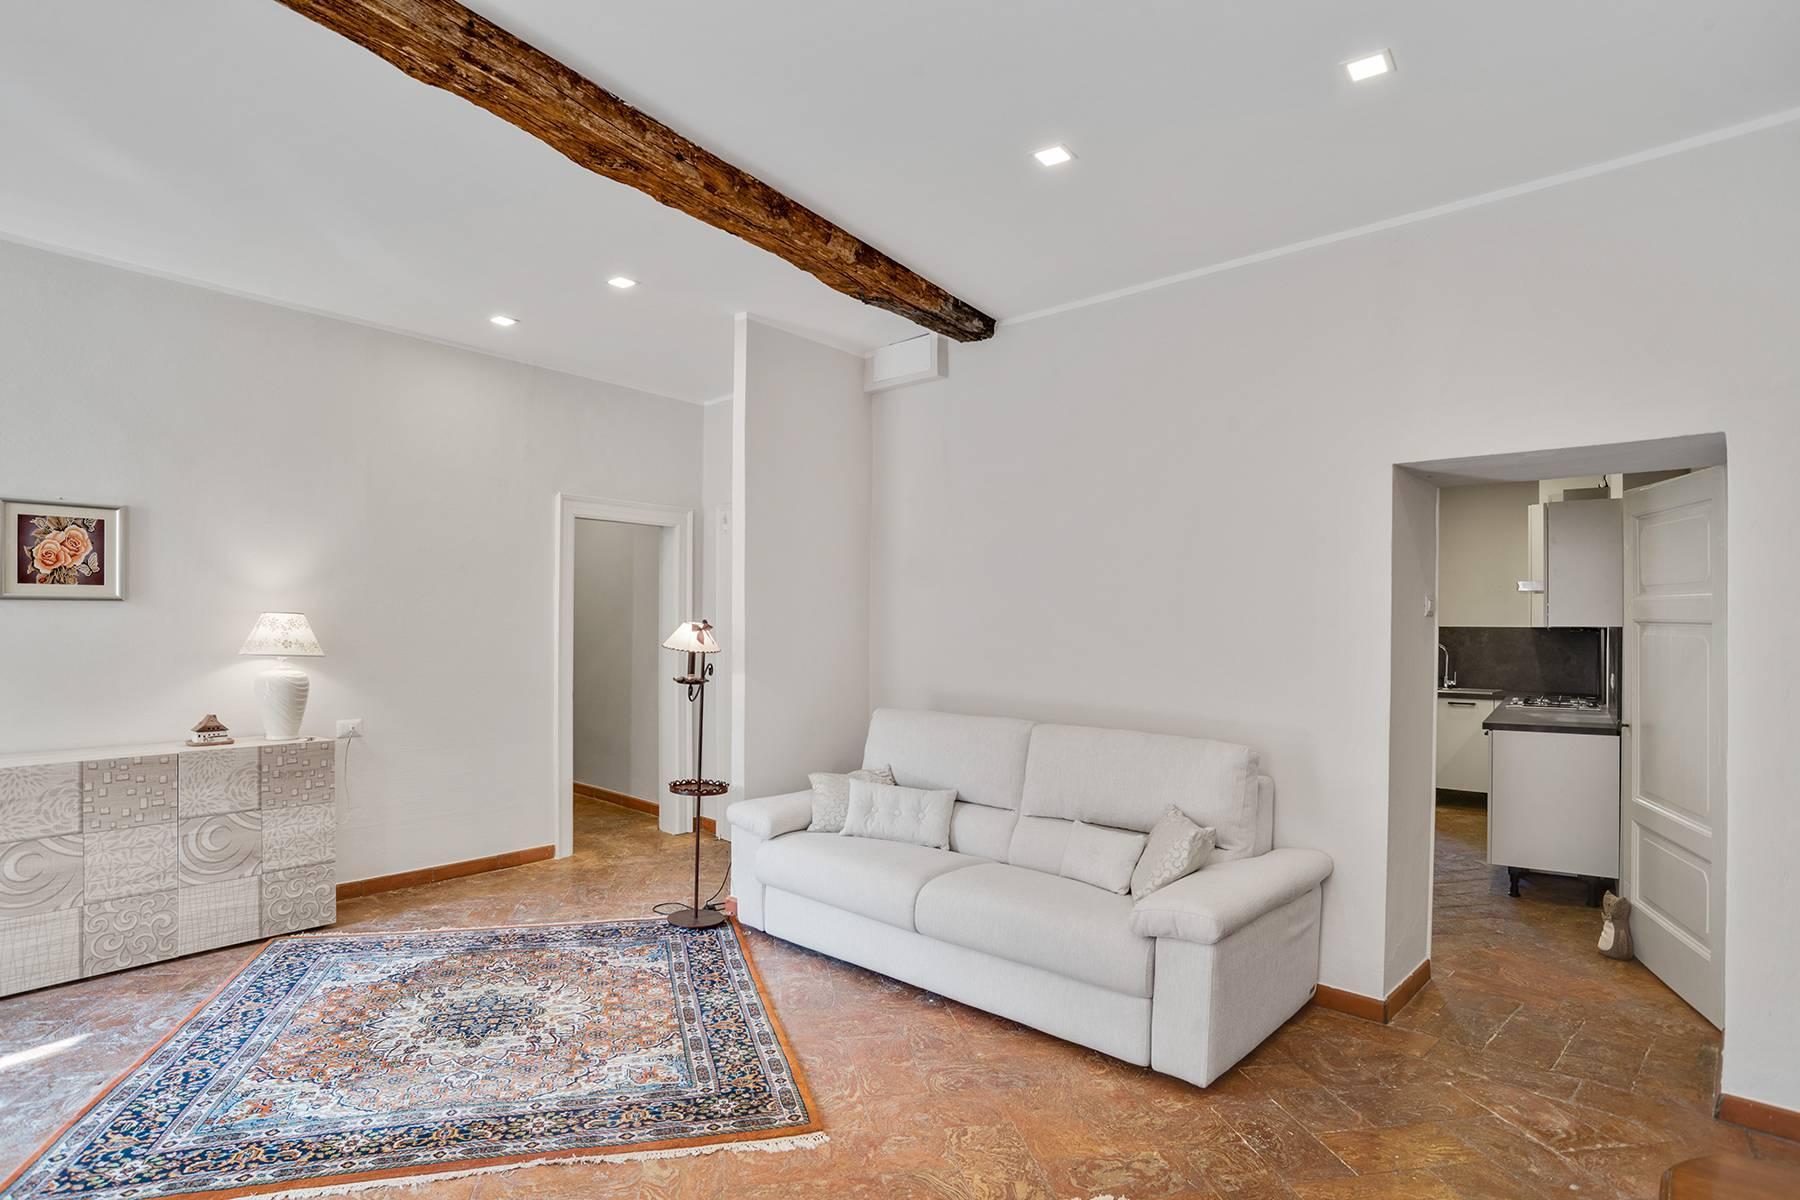 Elegante e soleggiato appartamento nel cuore di Arona - 7